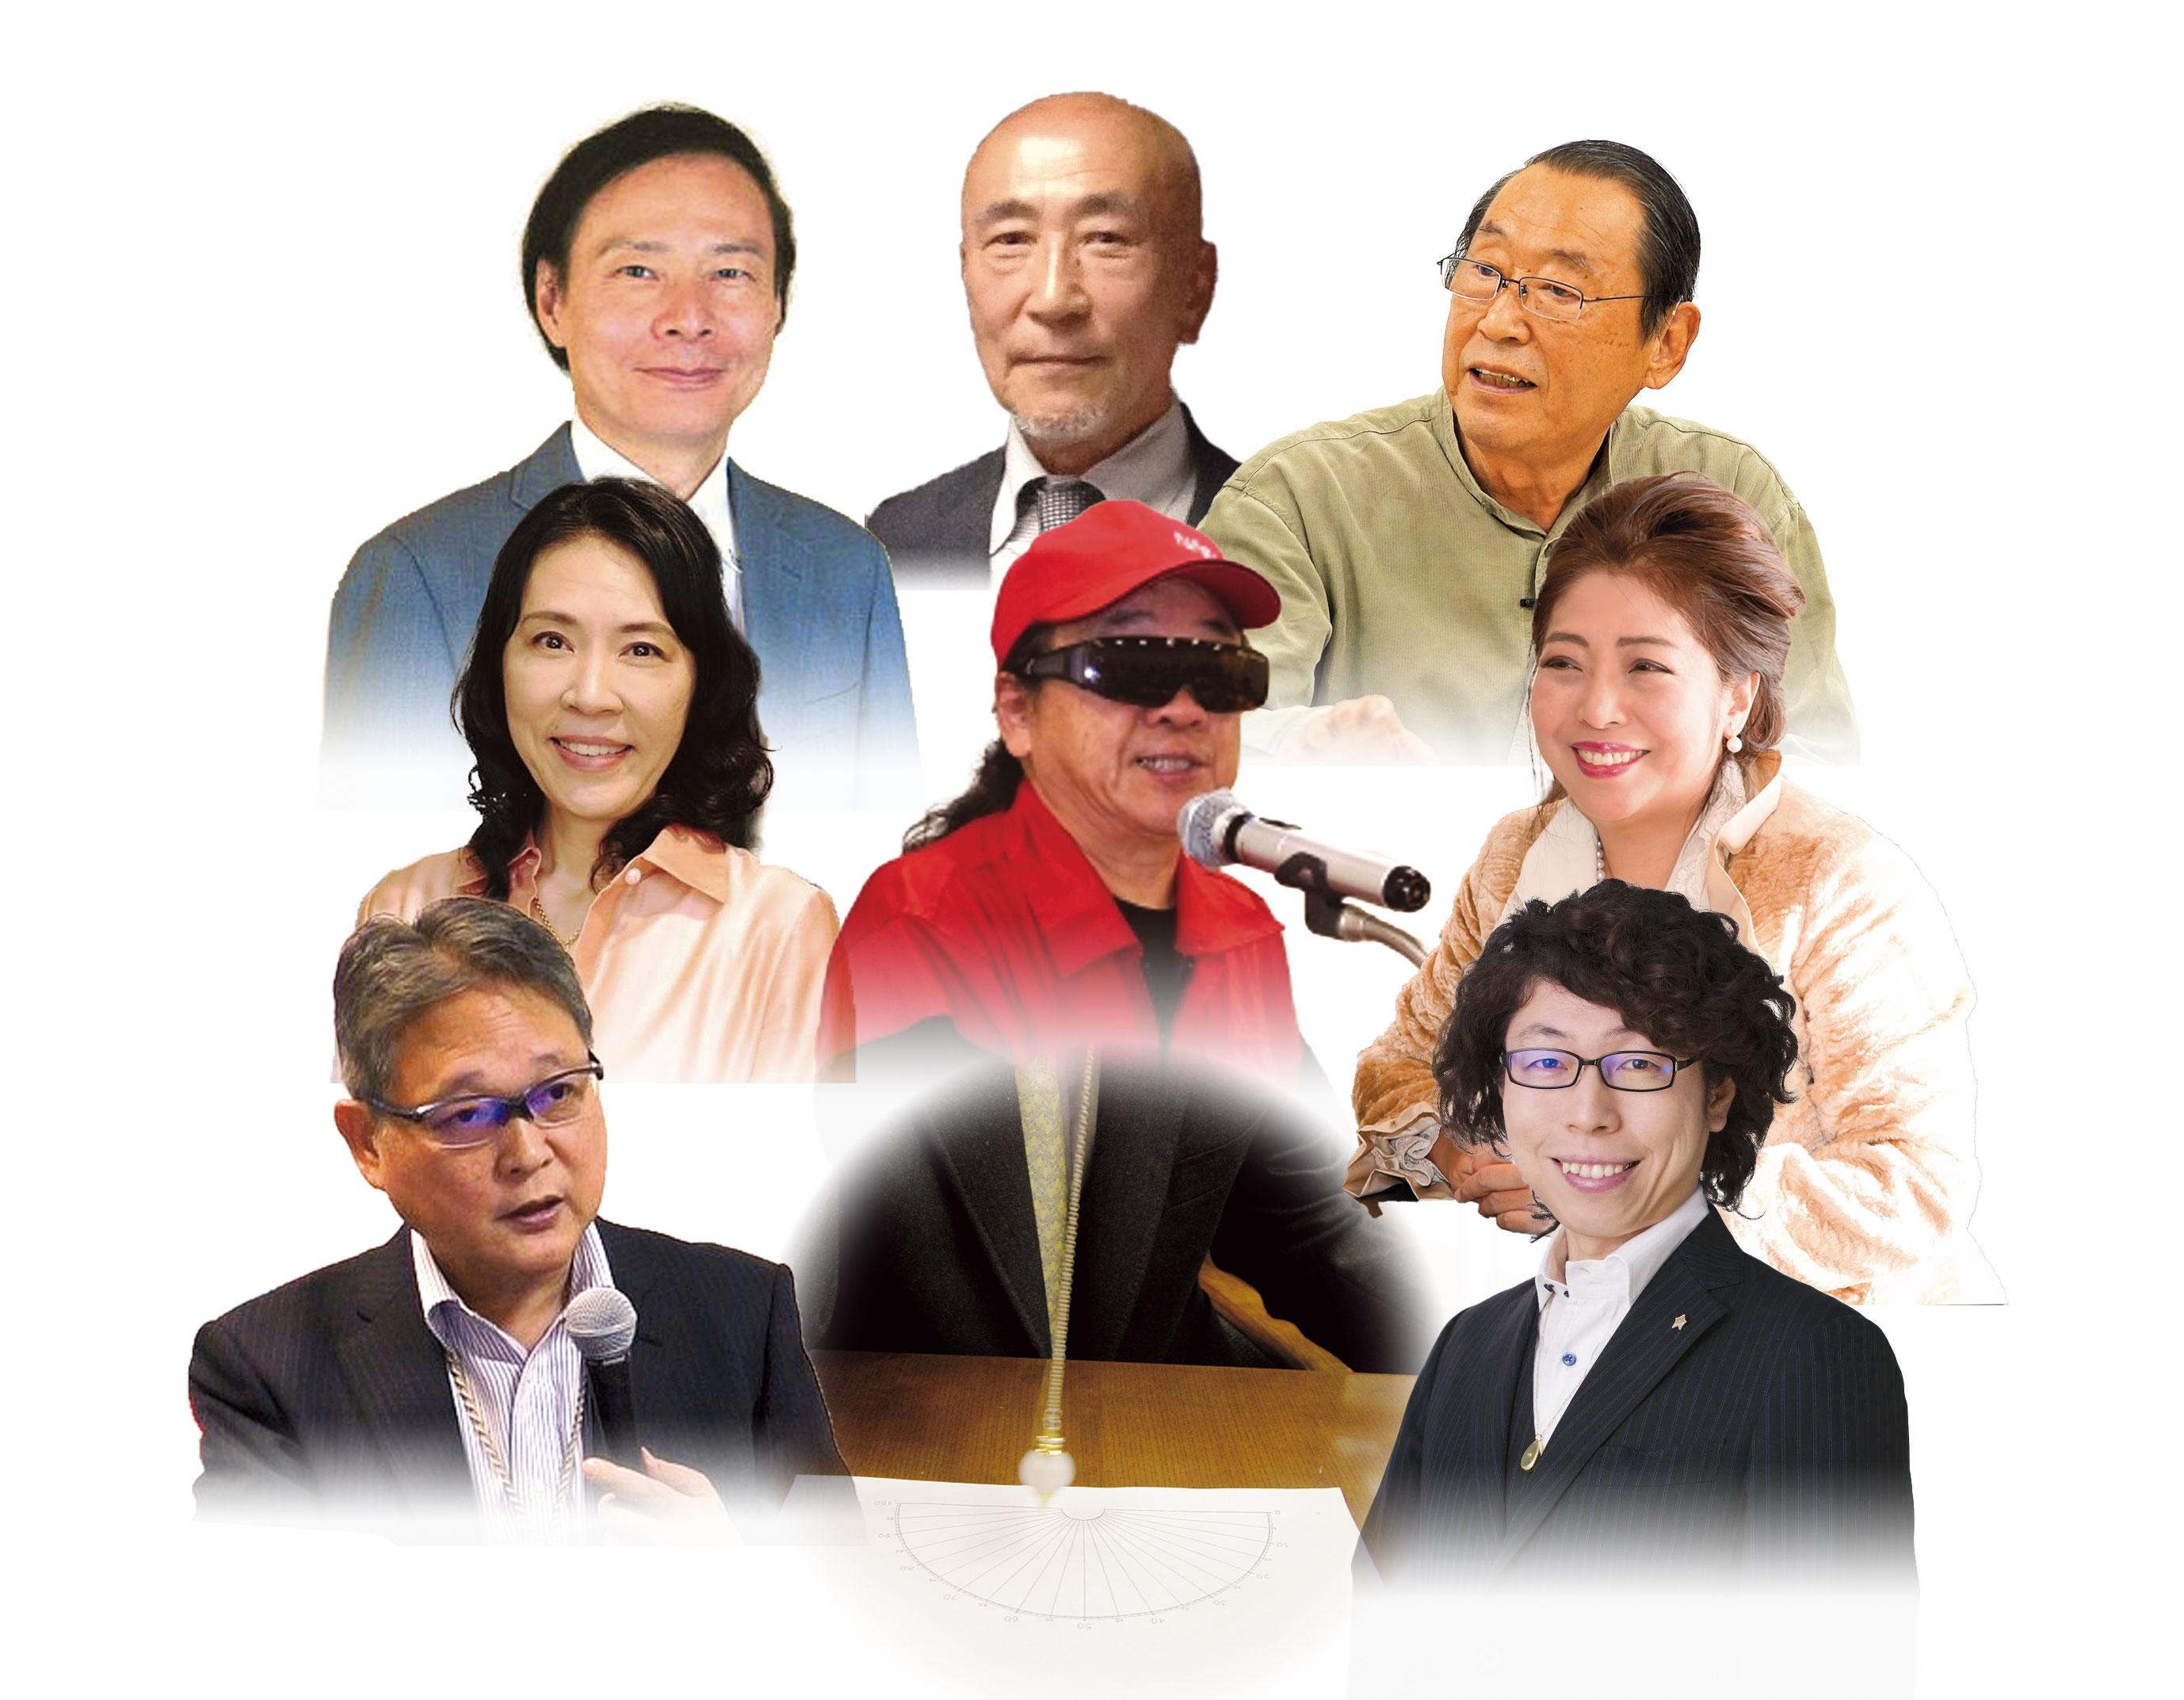 集合_201709